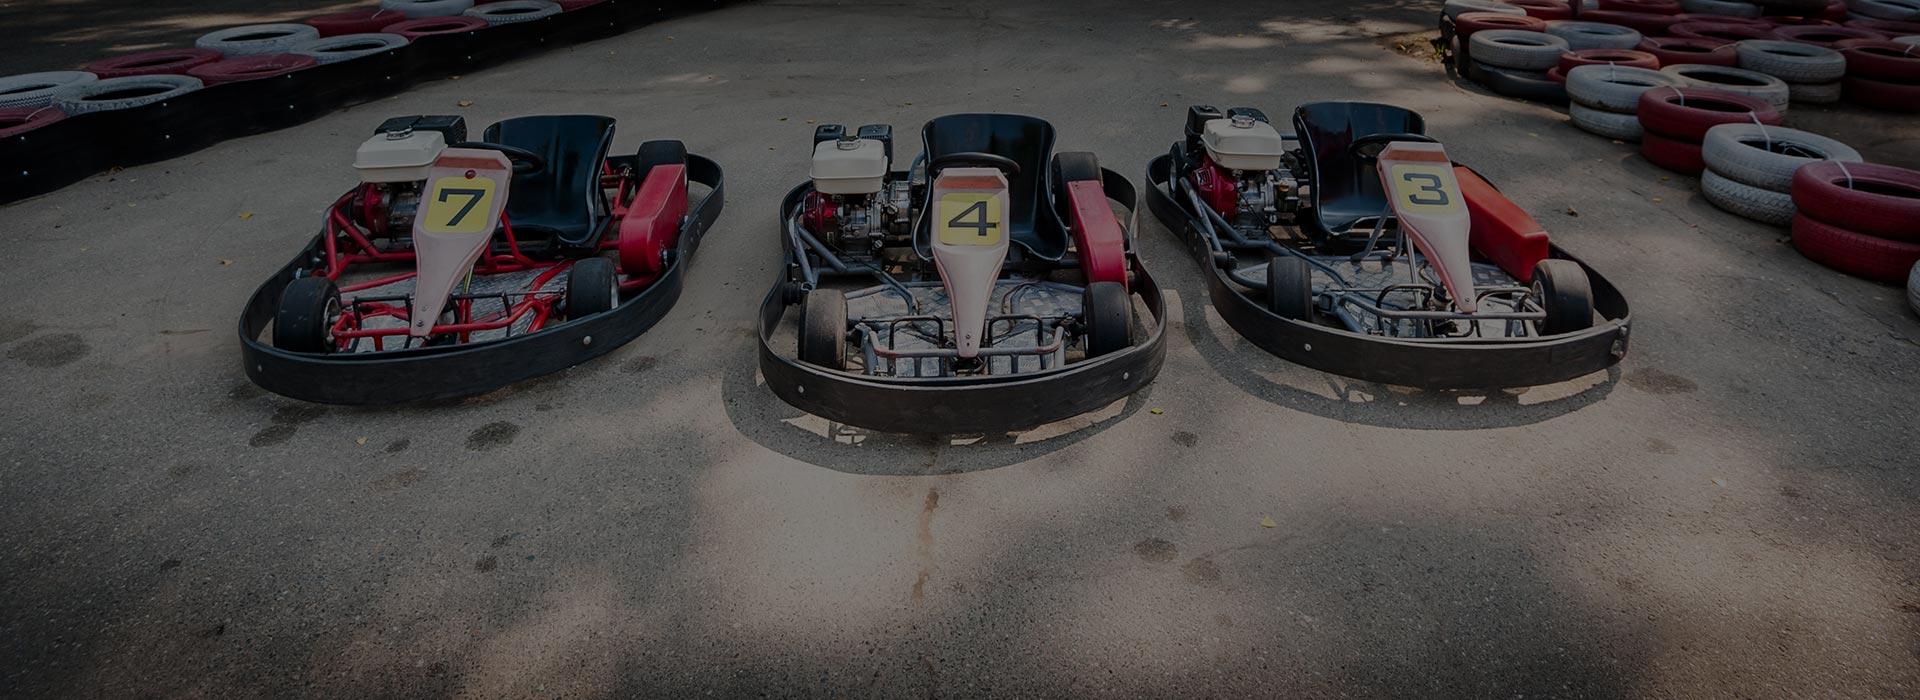 go-karting